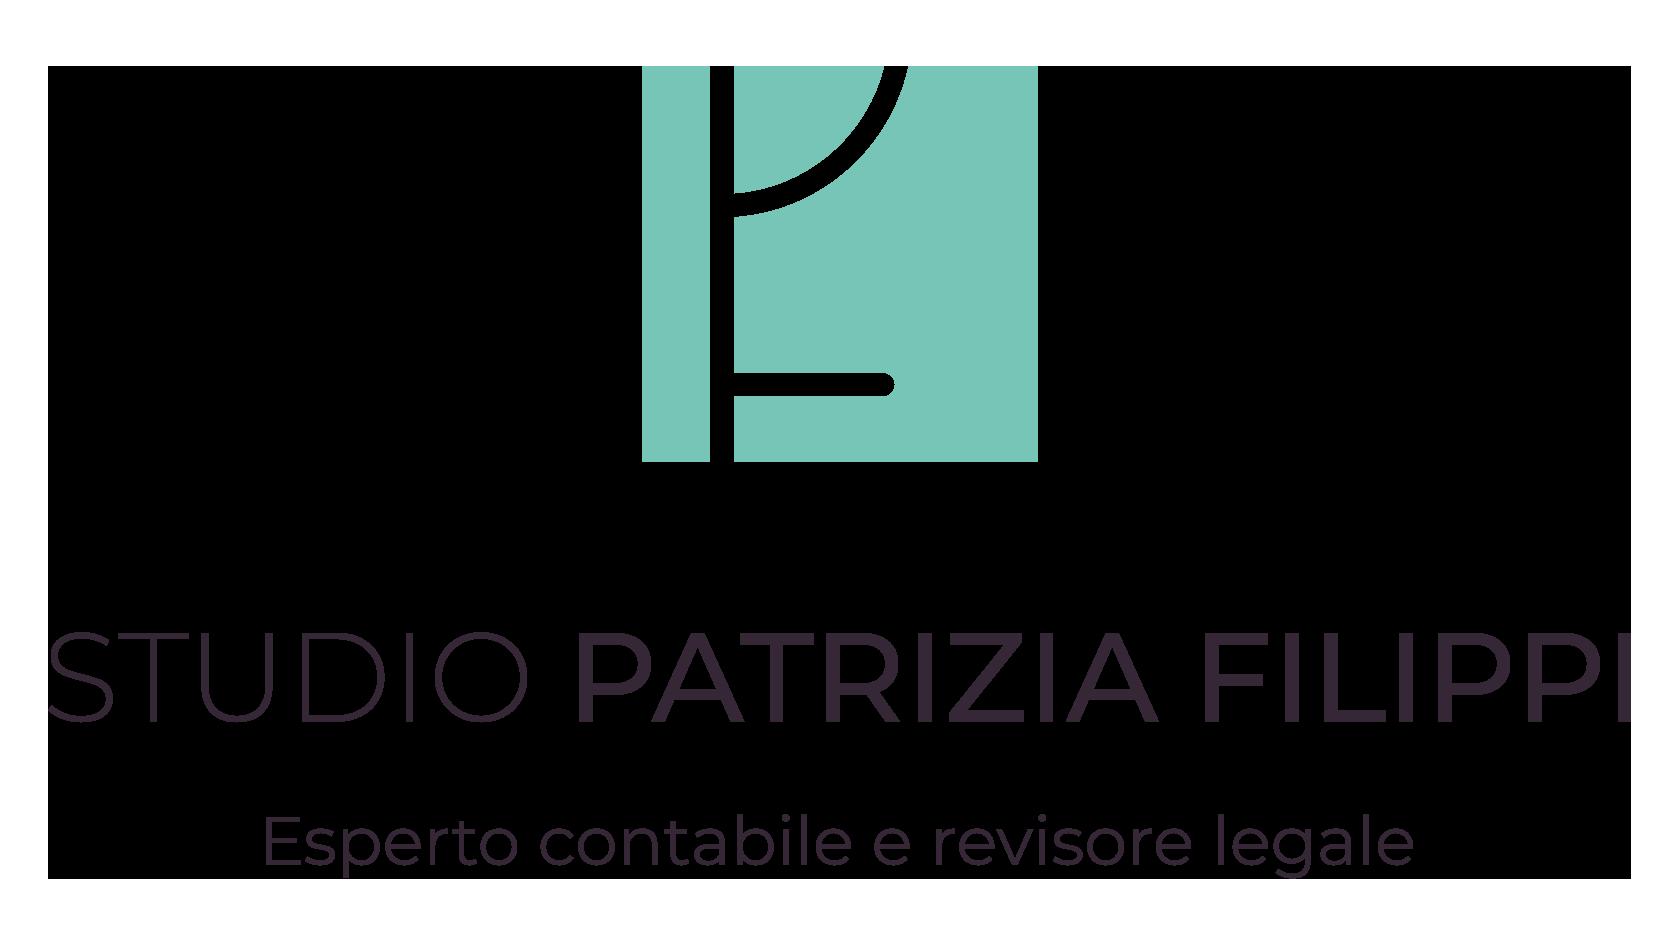 Studio Patrizia Filippi